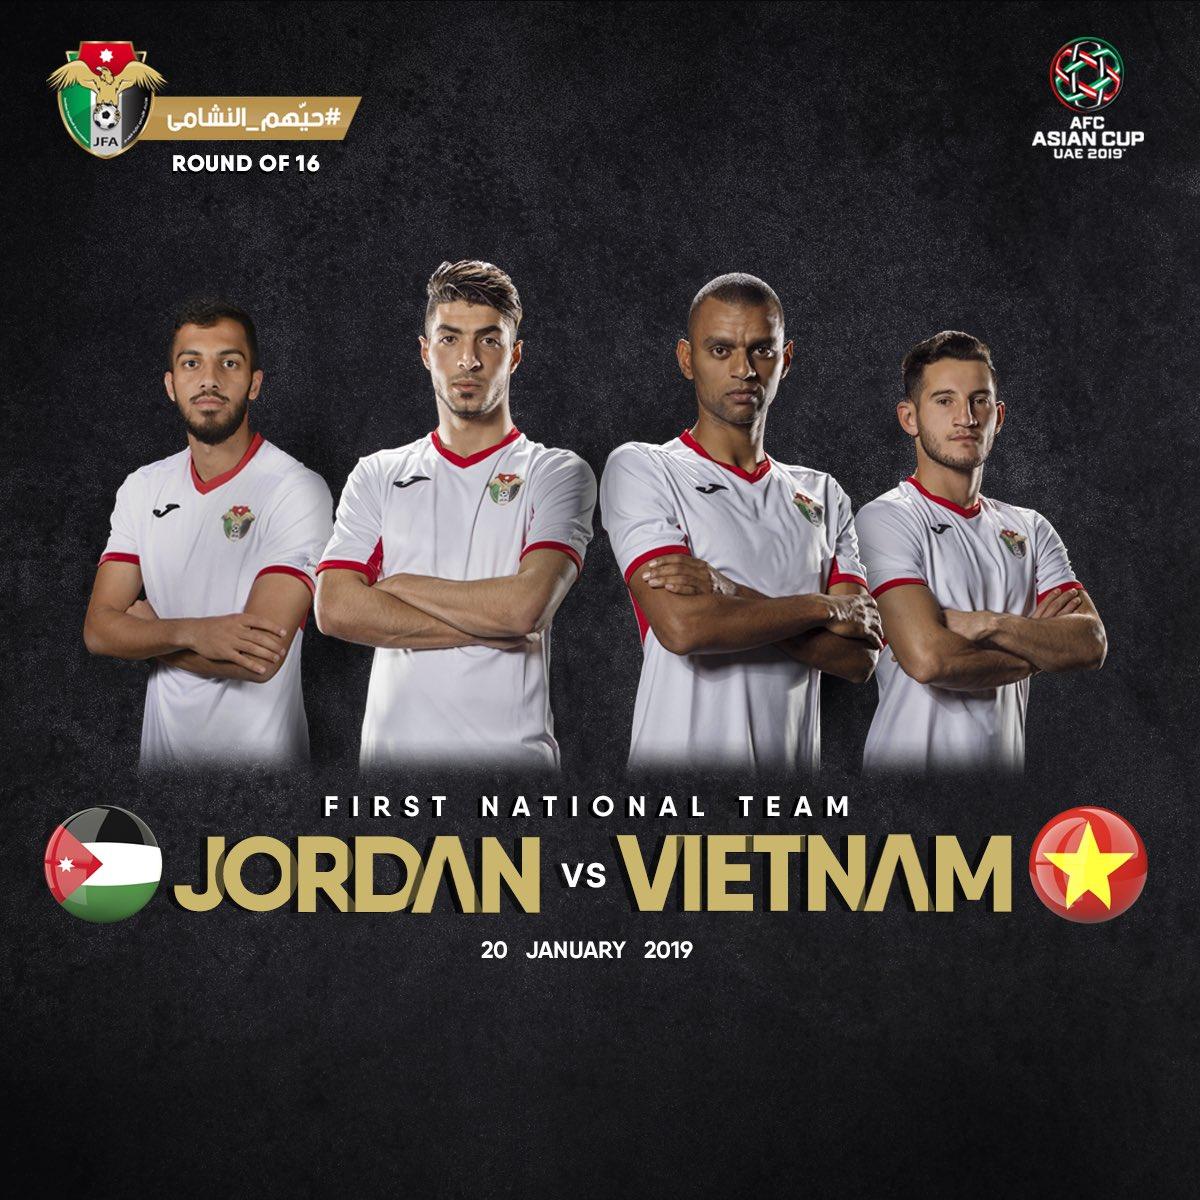 كأس آسيا 2019 .. #الأردن أمام فرصة سانحة لبلوغ ربع النهائي https://nbntv.me/?p=45020  #AsianCup2019 ⚽️🏆